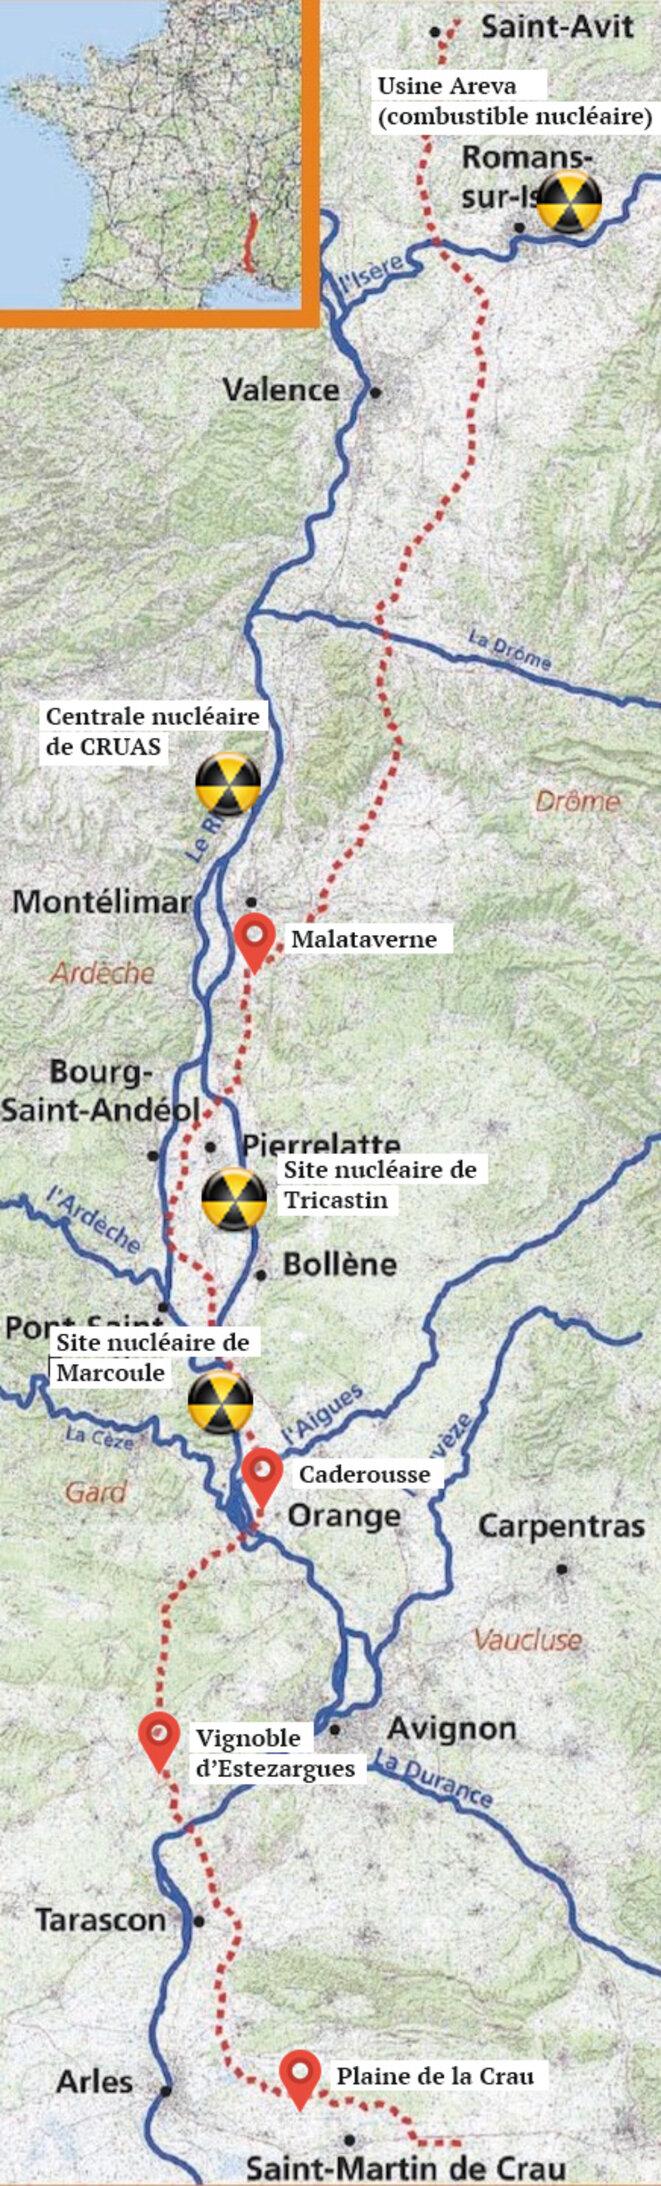 Le tracé du gazoduc (source : GRTgaz) et les installations traversées. © Mediapart